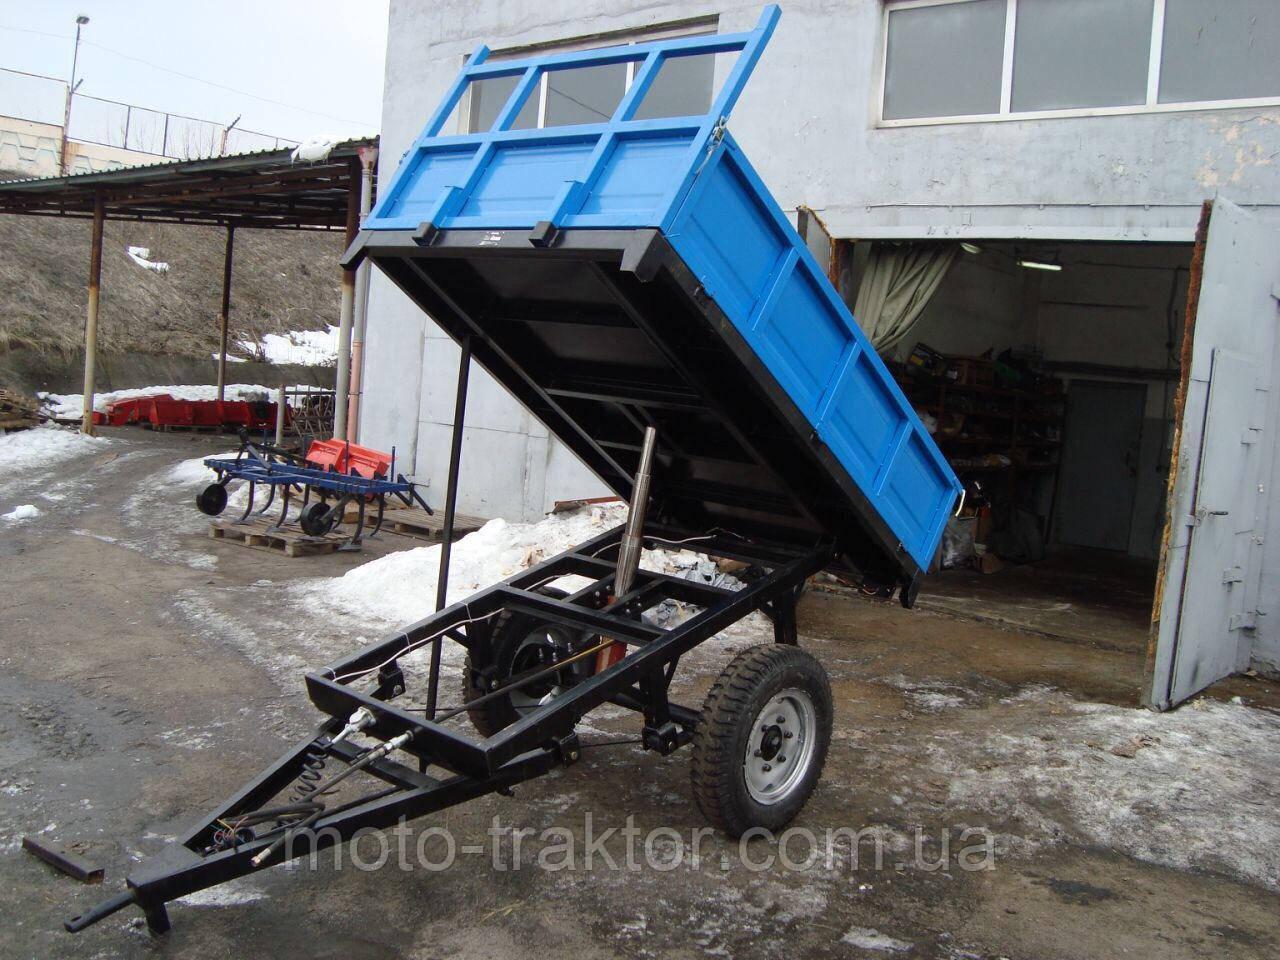 Прицеп тракторный 1ПТС-2 с тормозами (самосвальный, 2т.)